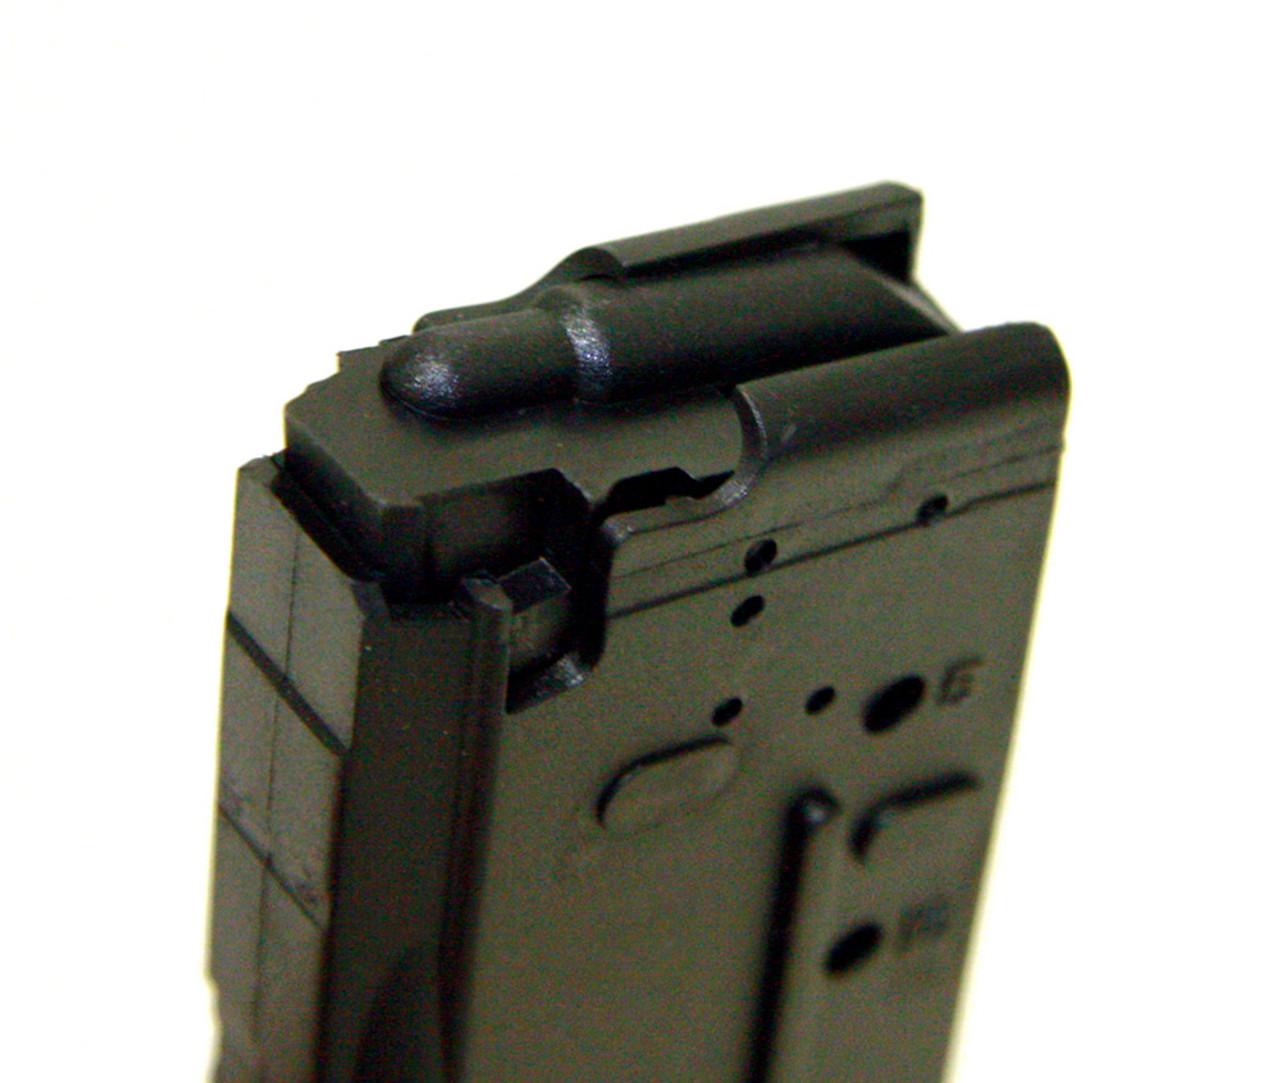 FN® Five-seveN® USG 5.7x28mm (20) Rd - Black Polymer